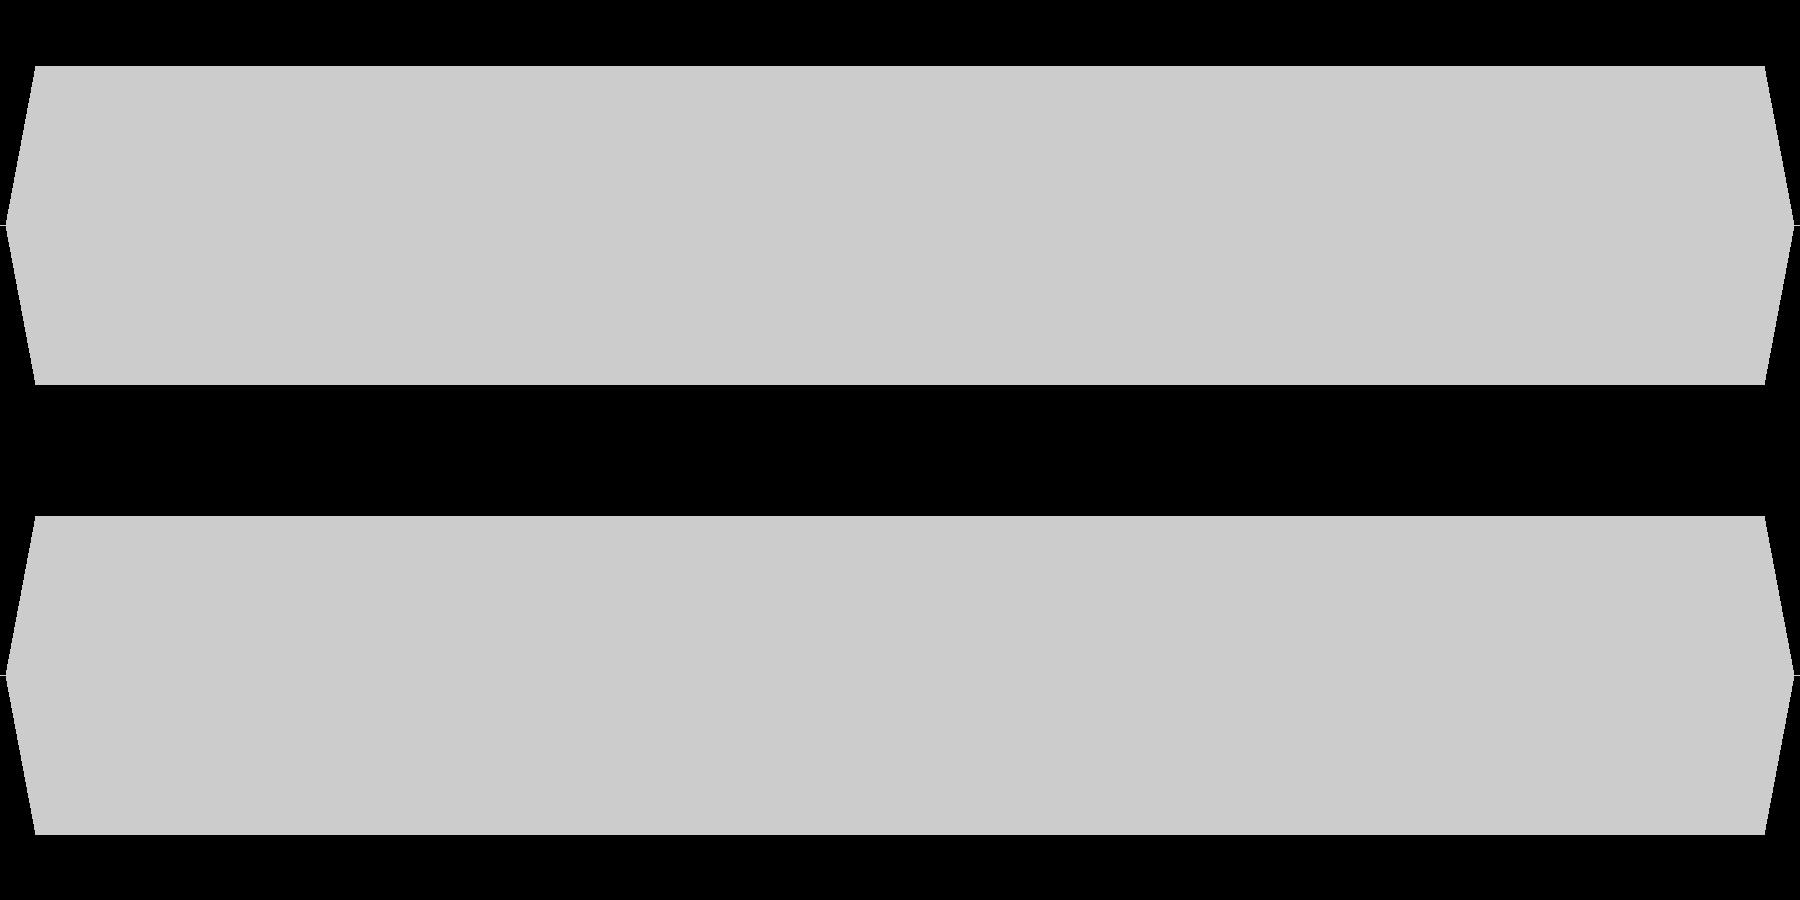 モスキート音 18kHzの未再生の波形